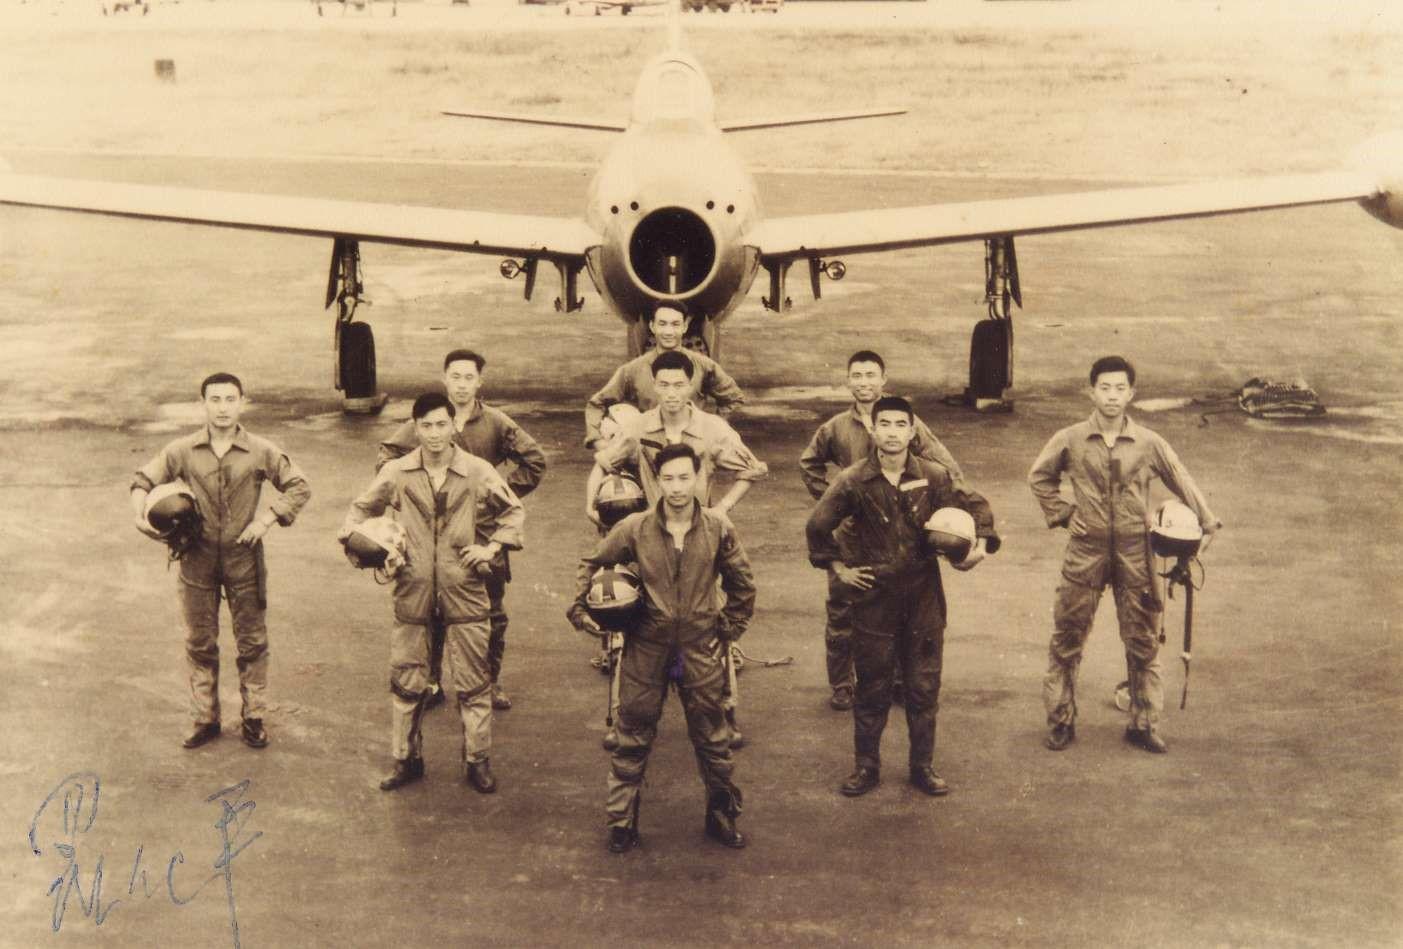 民國48年4月15日雷虎小組成員於美內華達州拉斯維加斯奈里斯基地表演後合影(圖:國防部空軍司令部)